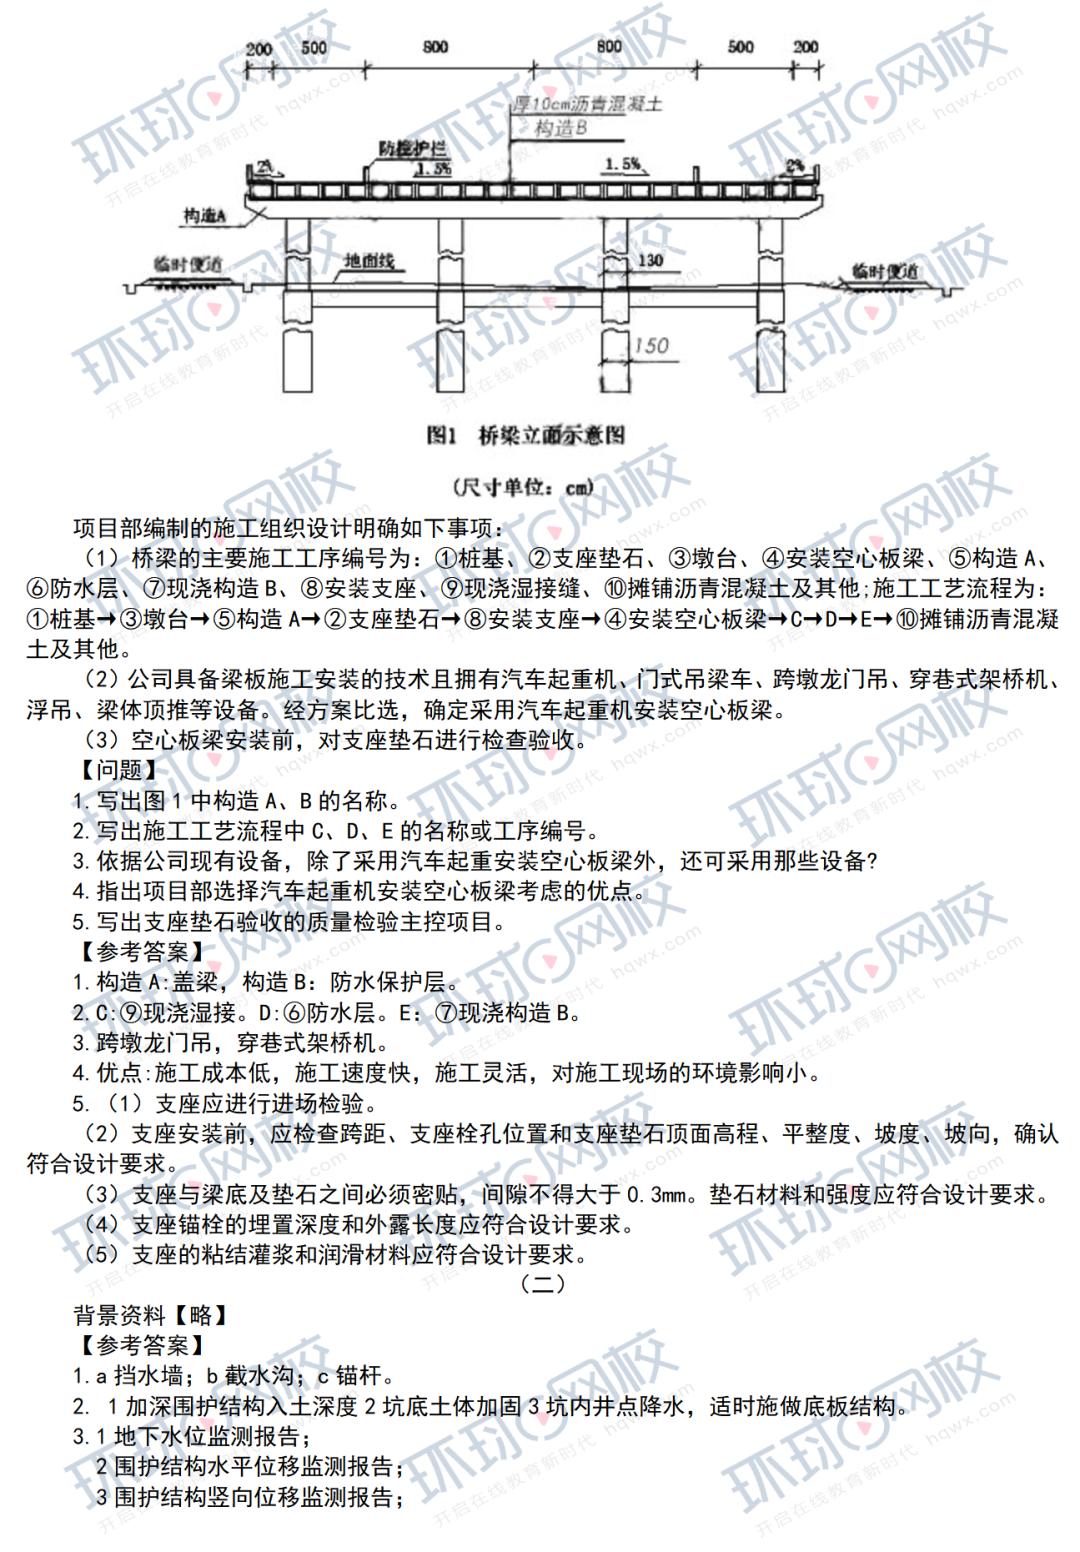 2021年二级建造师【市政实务】真题(第二批)